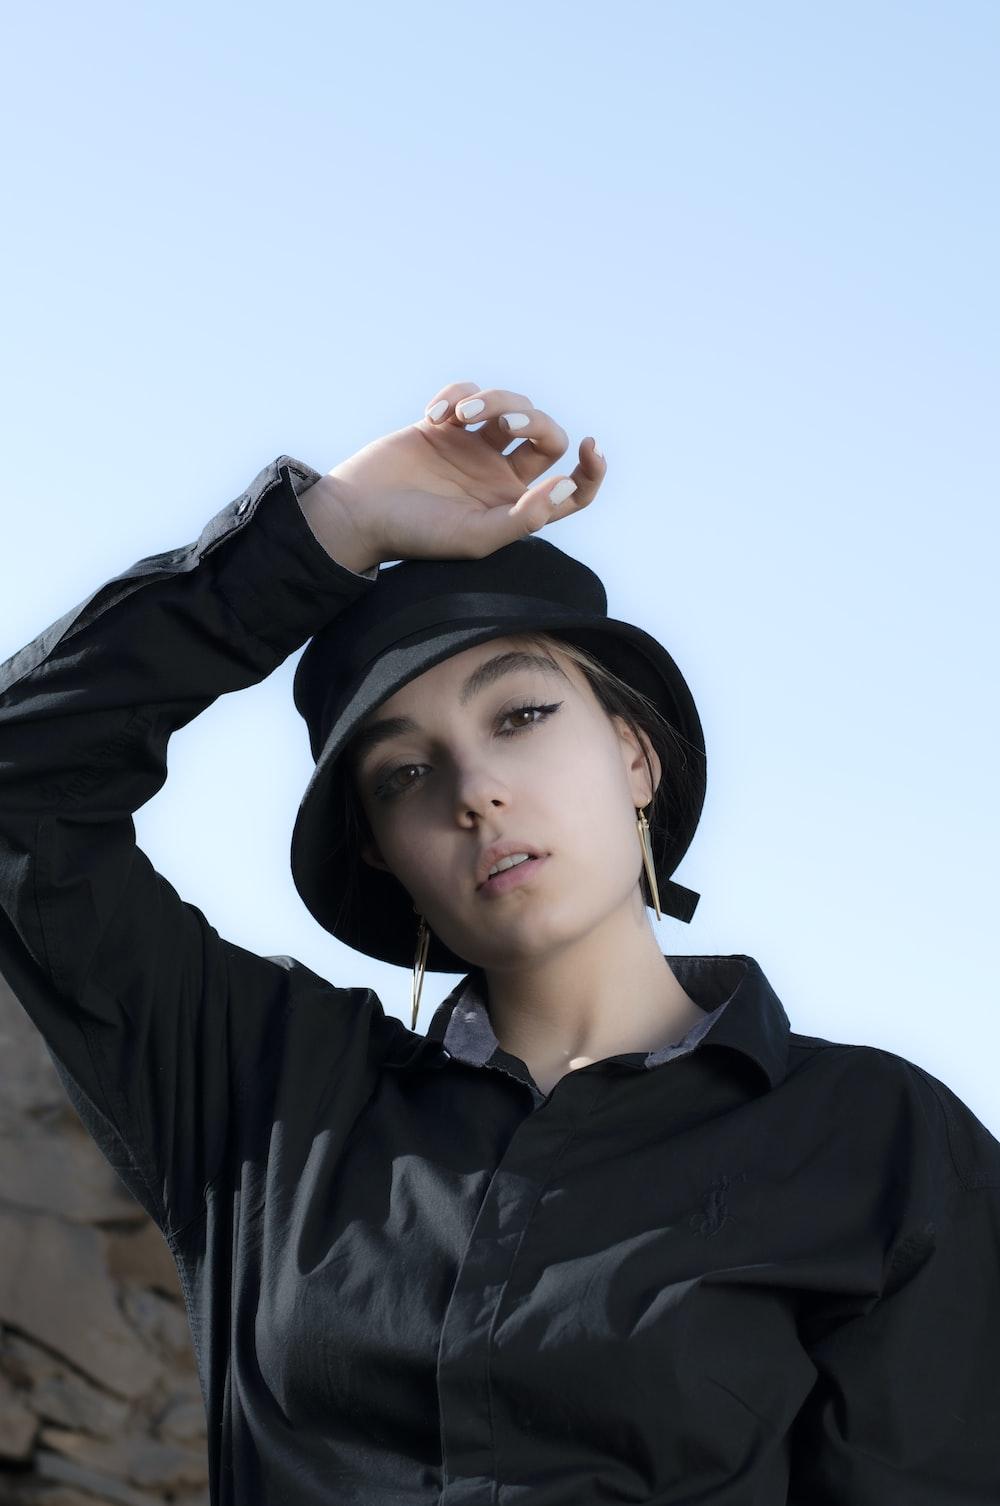 woman in black hoodie wearing black cap